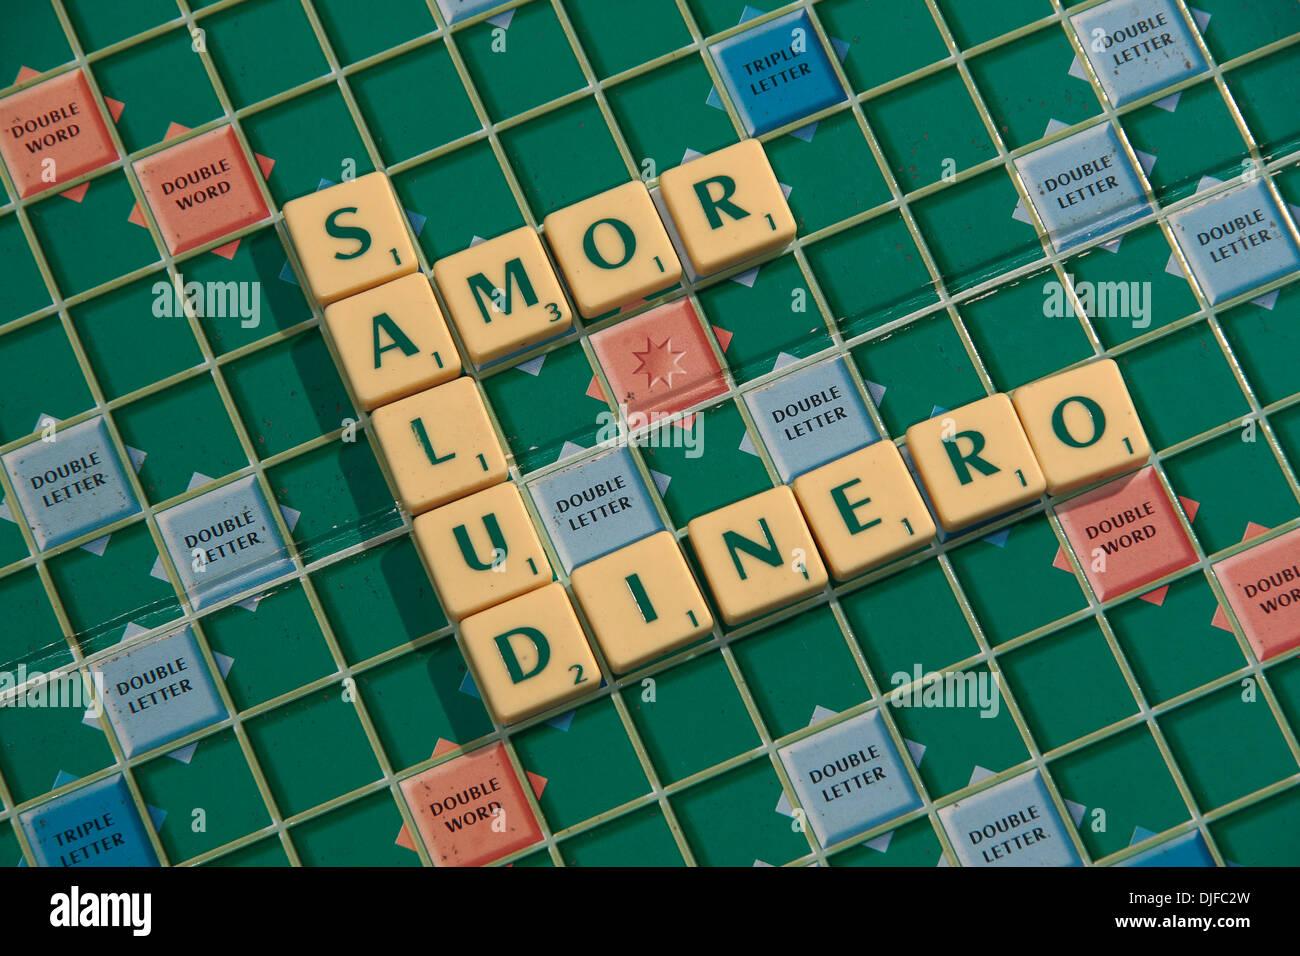 La frase española, 'salud amor y dinero' (salud, amor y dinero) escrito en el Scrabble azulejos, sobre un tablero de Scrabble. Imagen De Stock